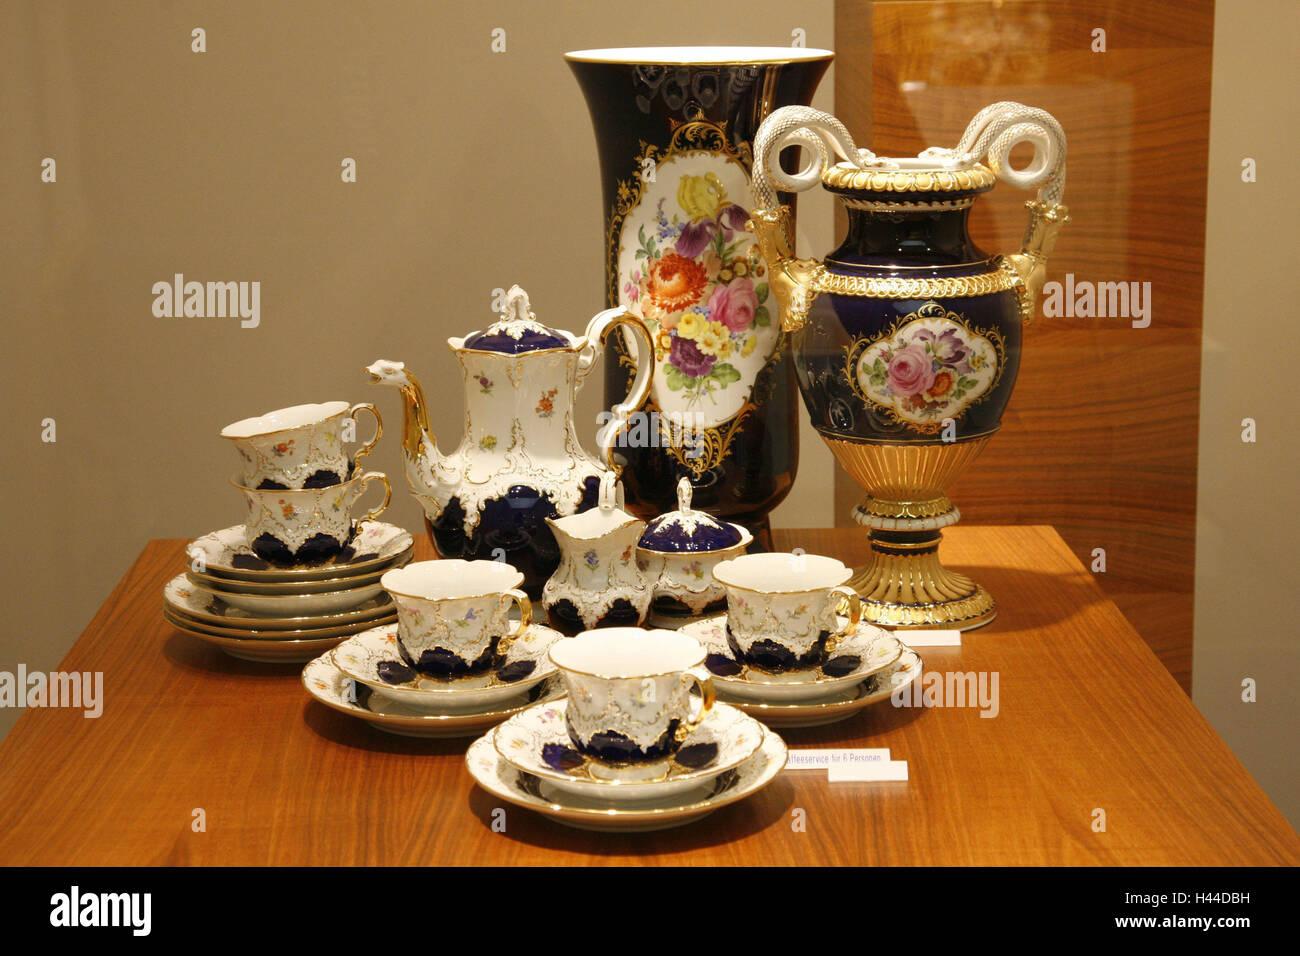 Alemania, Sajonia, porcelana de Meissen, fabricación, showroom, servicio de café, fabricación, exhibiciones, Imagen De Stock